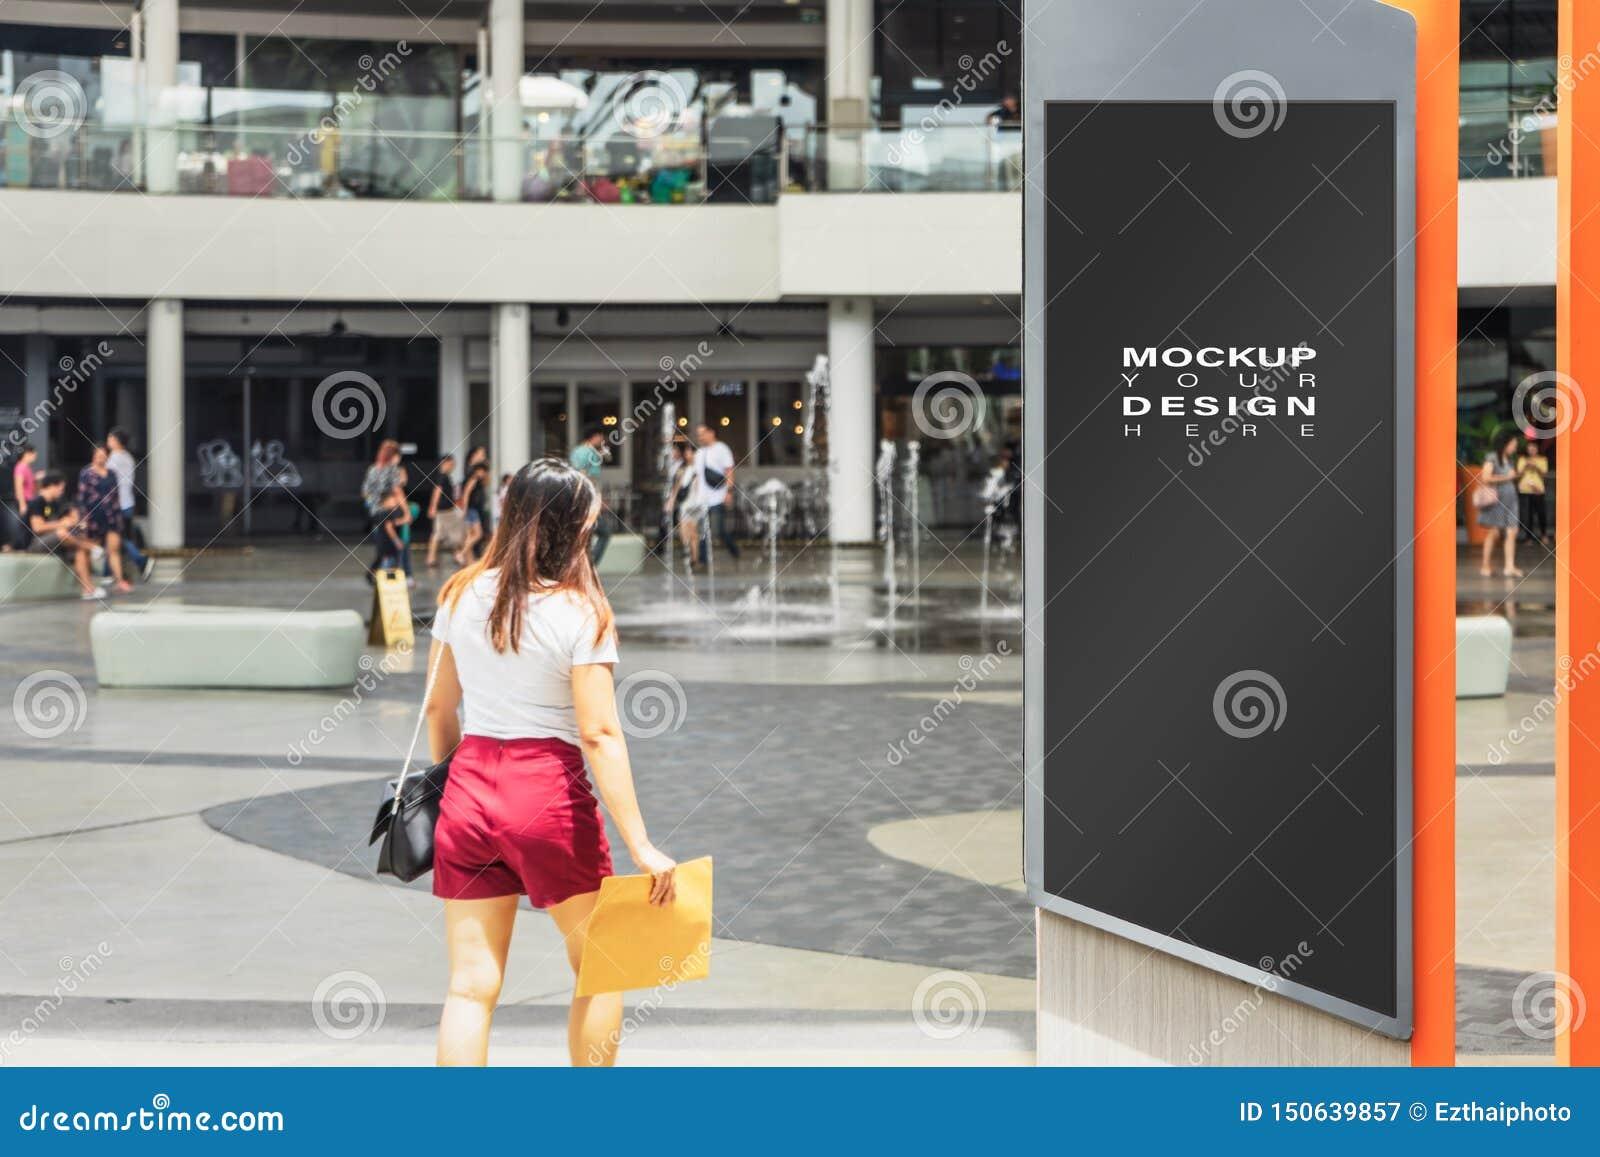 Puste miejsce egzamin próbny w górę pionowo ulicznego plakatowego reklamowego billboarda w mieście dla twój reklamy z plam ludźmi